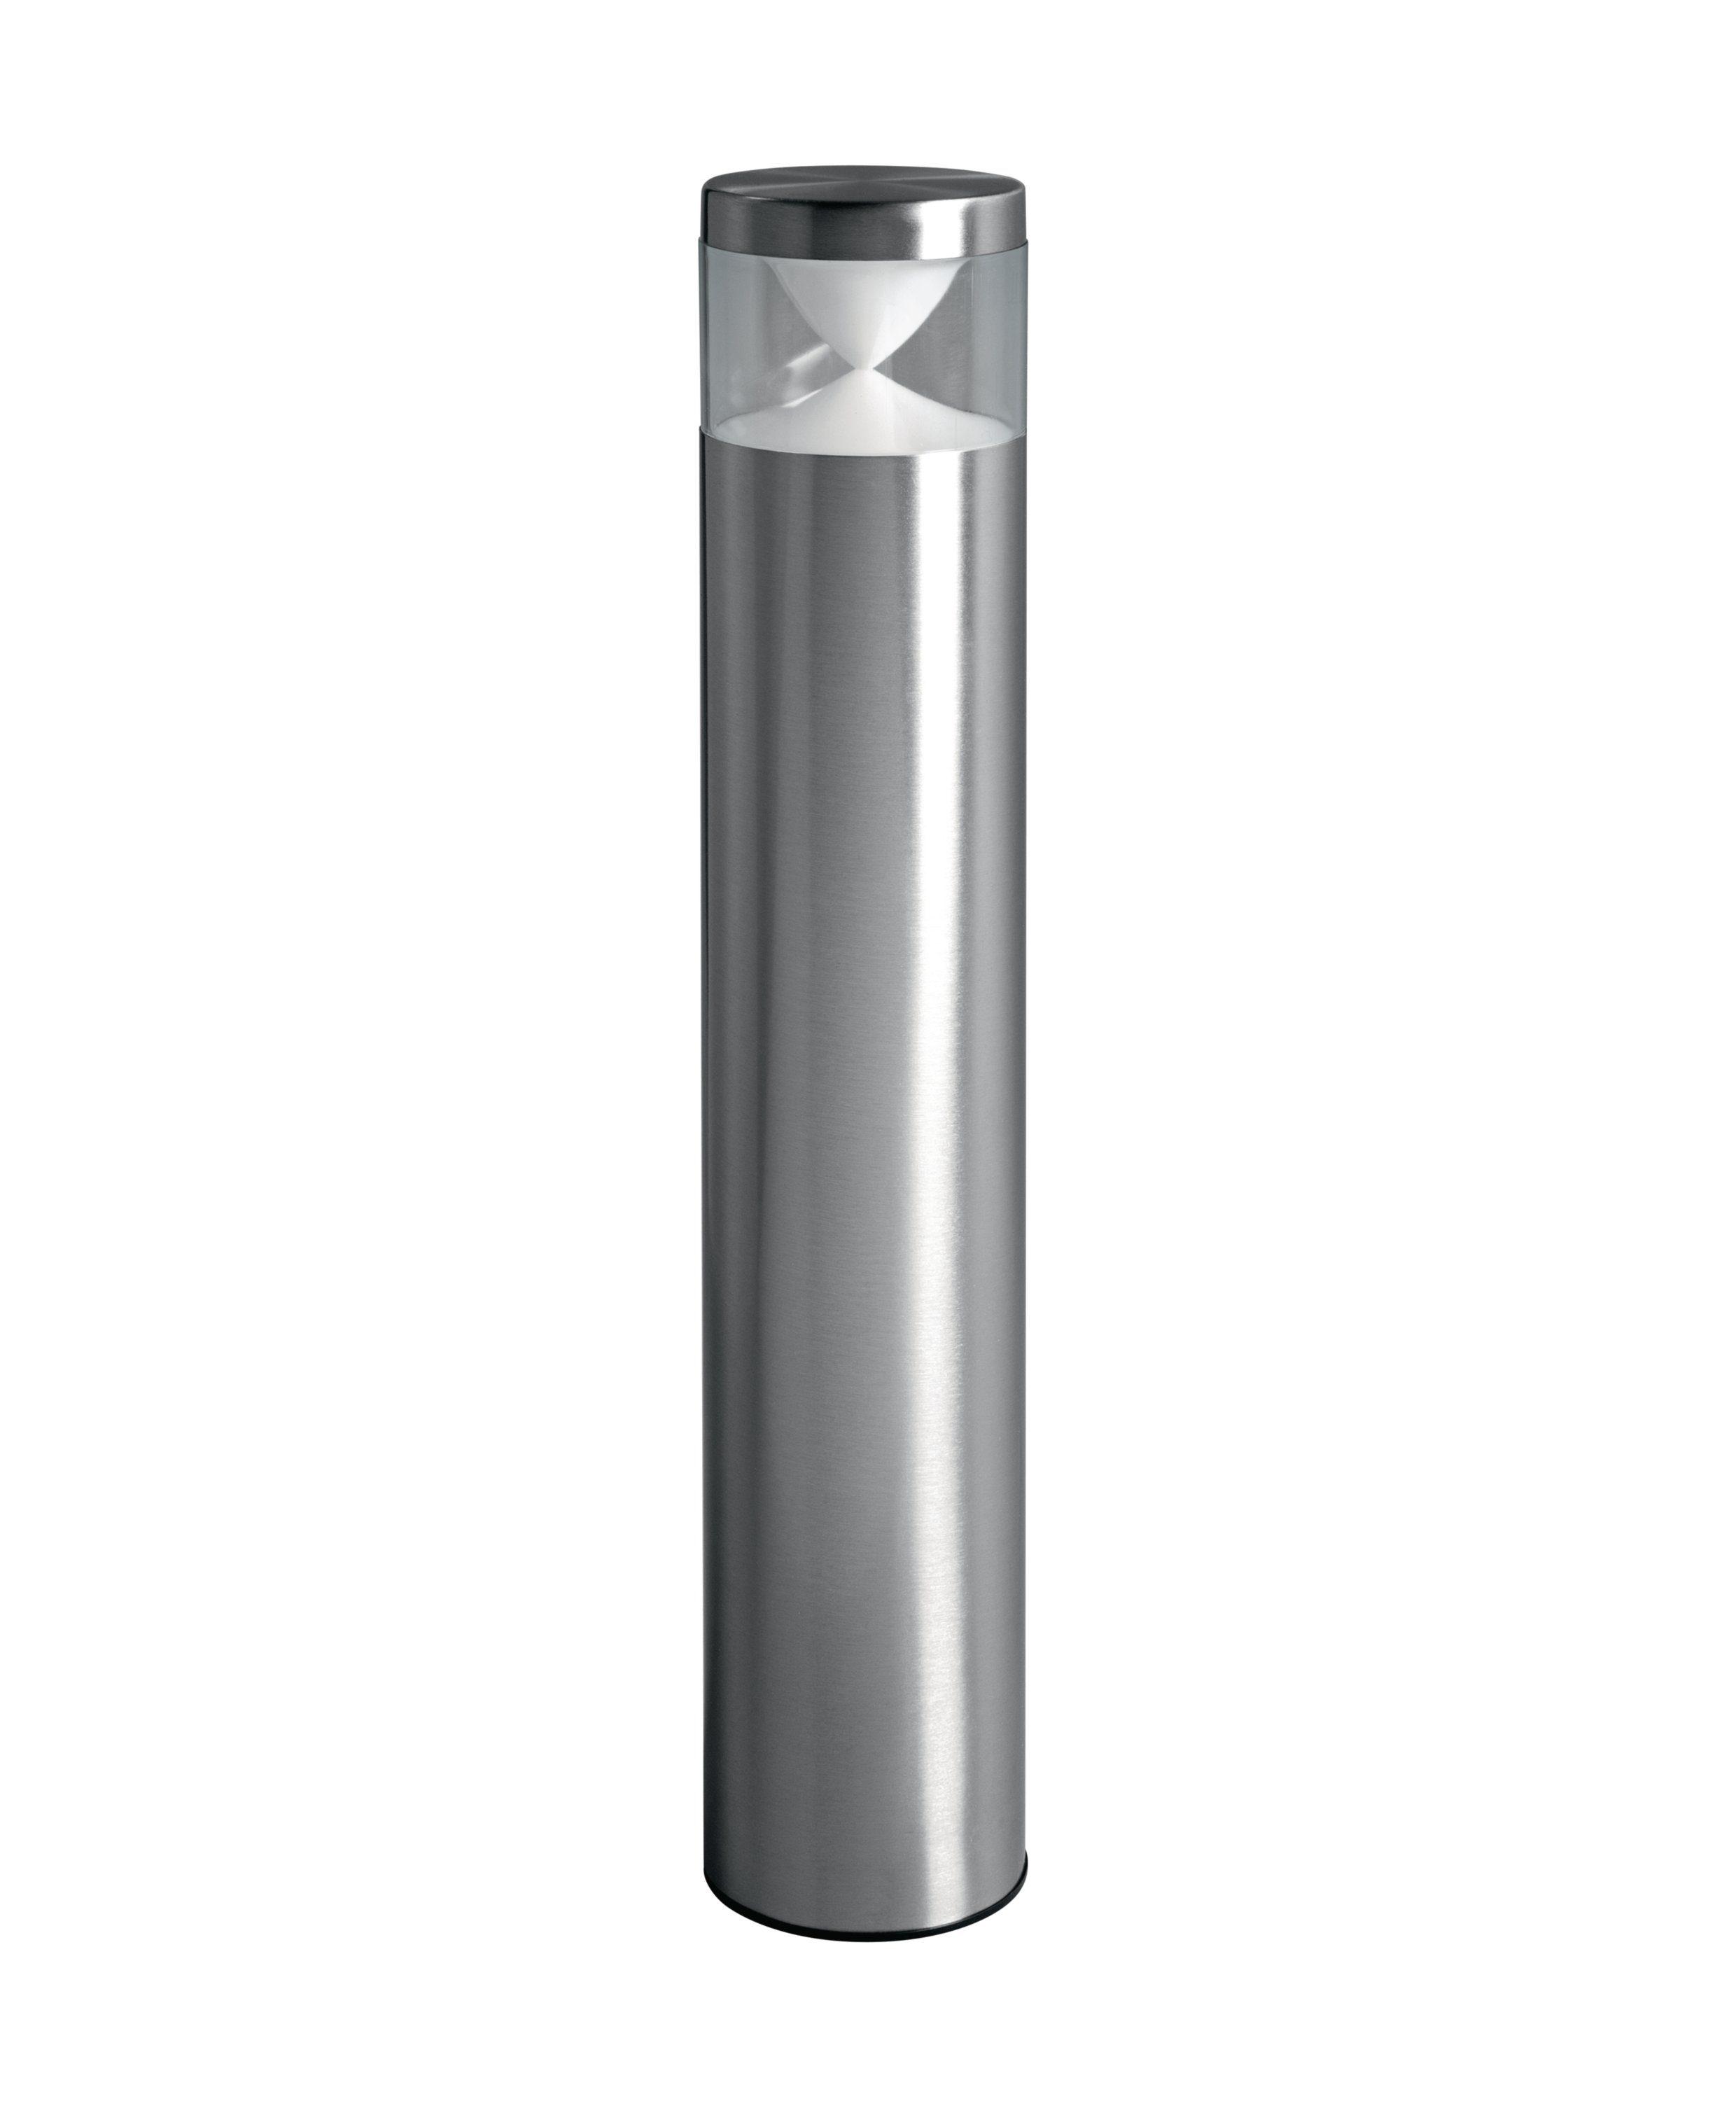 Osram Wegeleuchte, Pollerleuchte, stehend »ENDURA STYLE Mini Cylinder 45 cm 4 W«